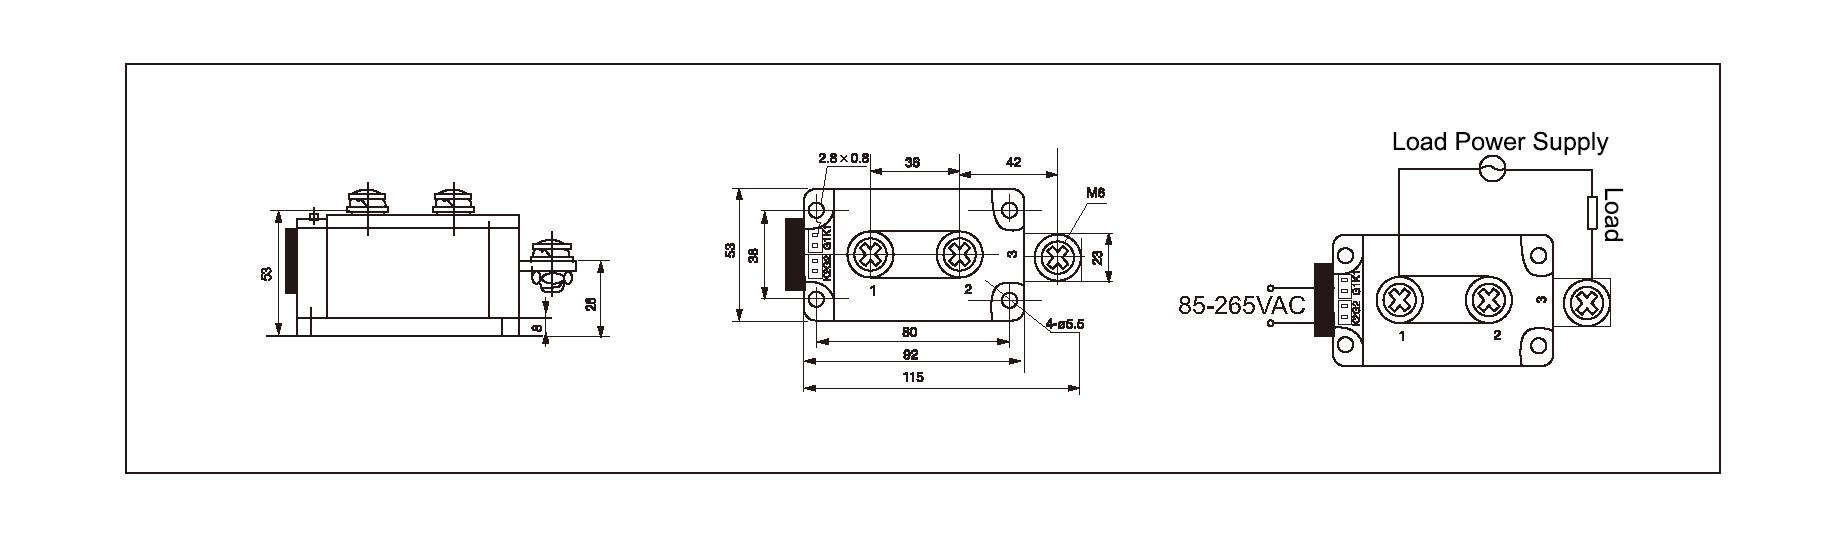 Dimension and circuit diagram - MGR AH12400Z series